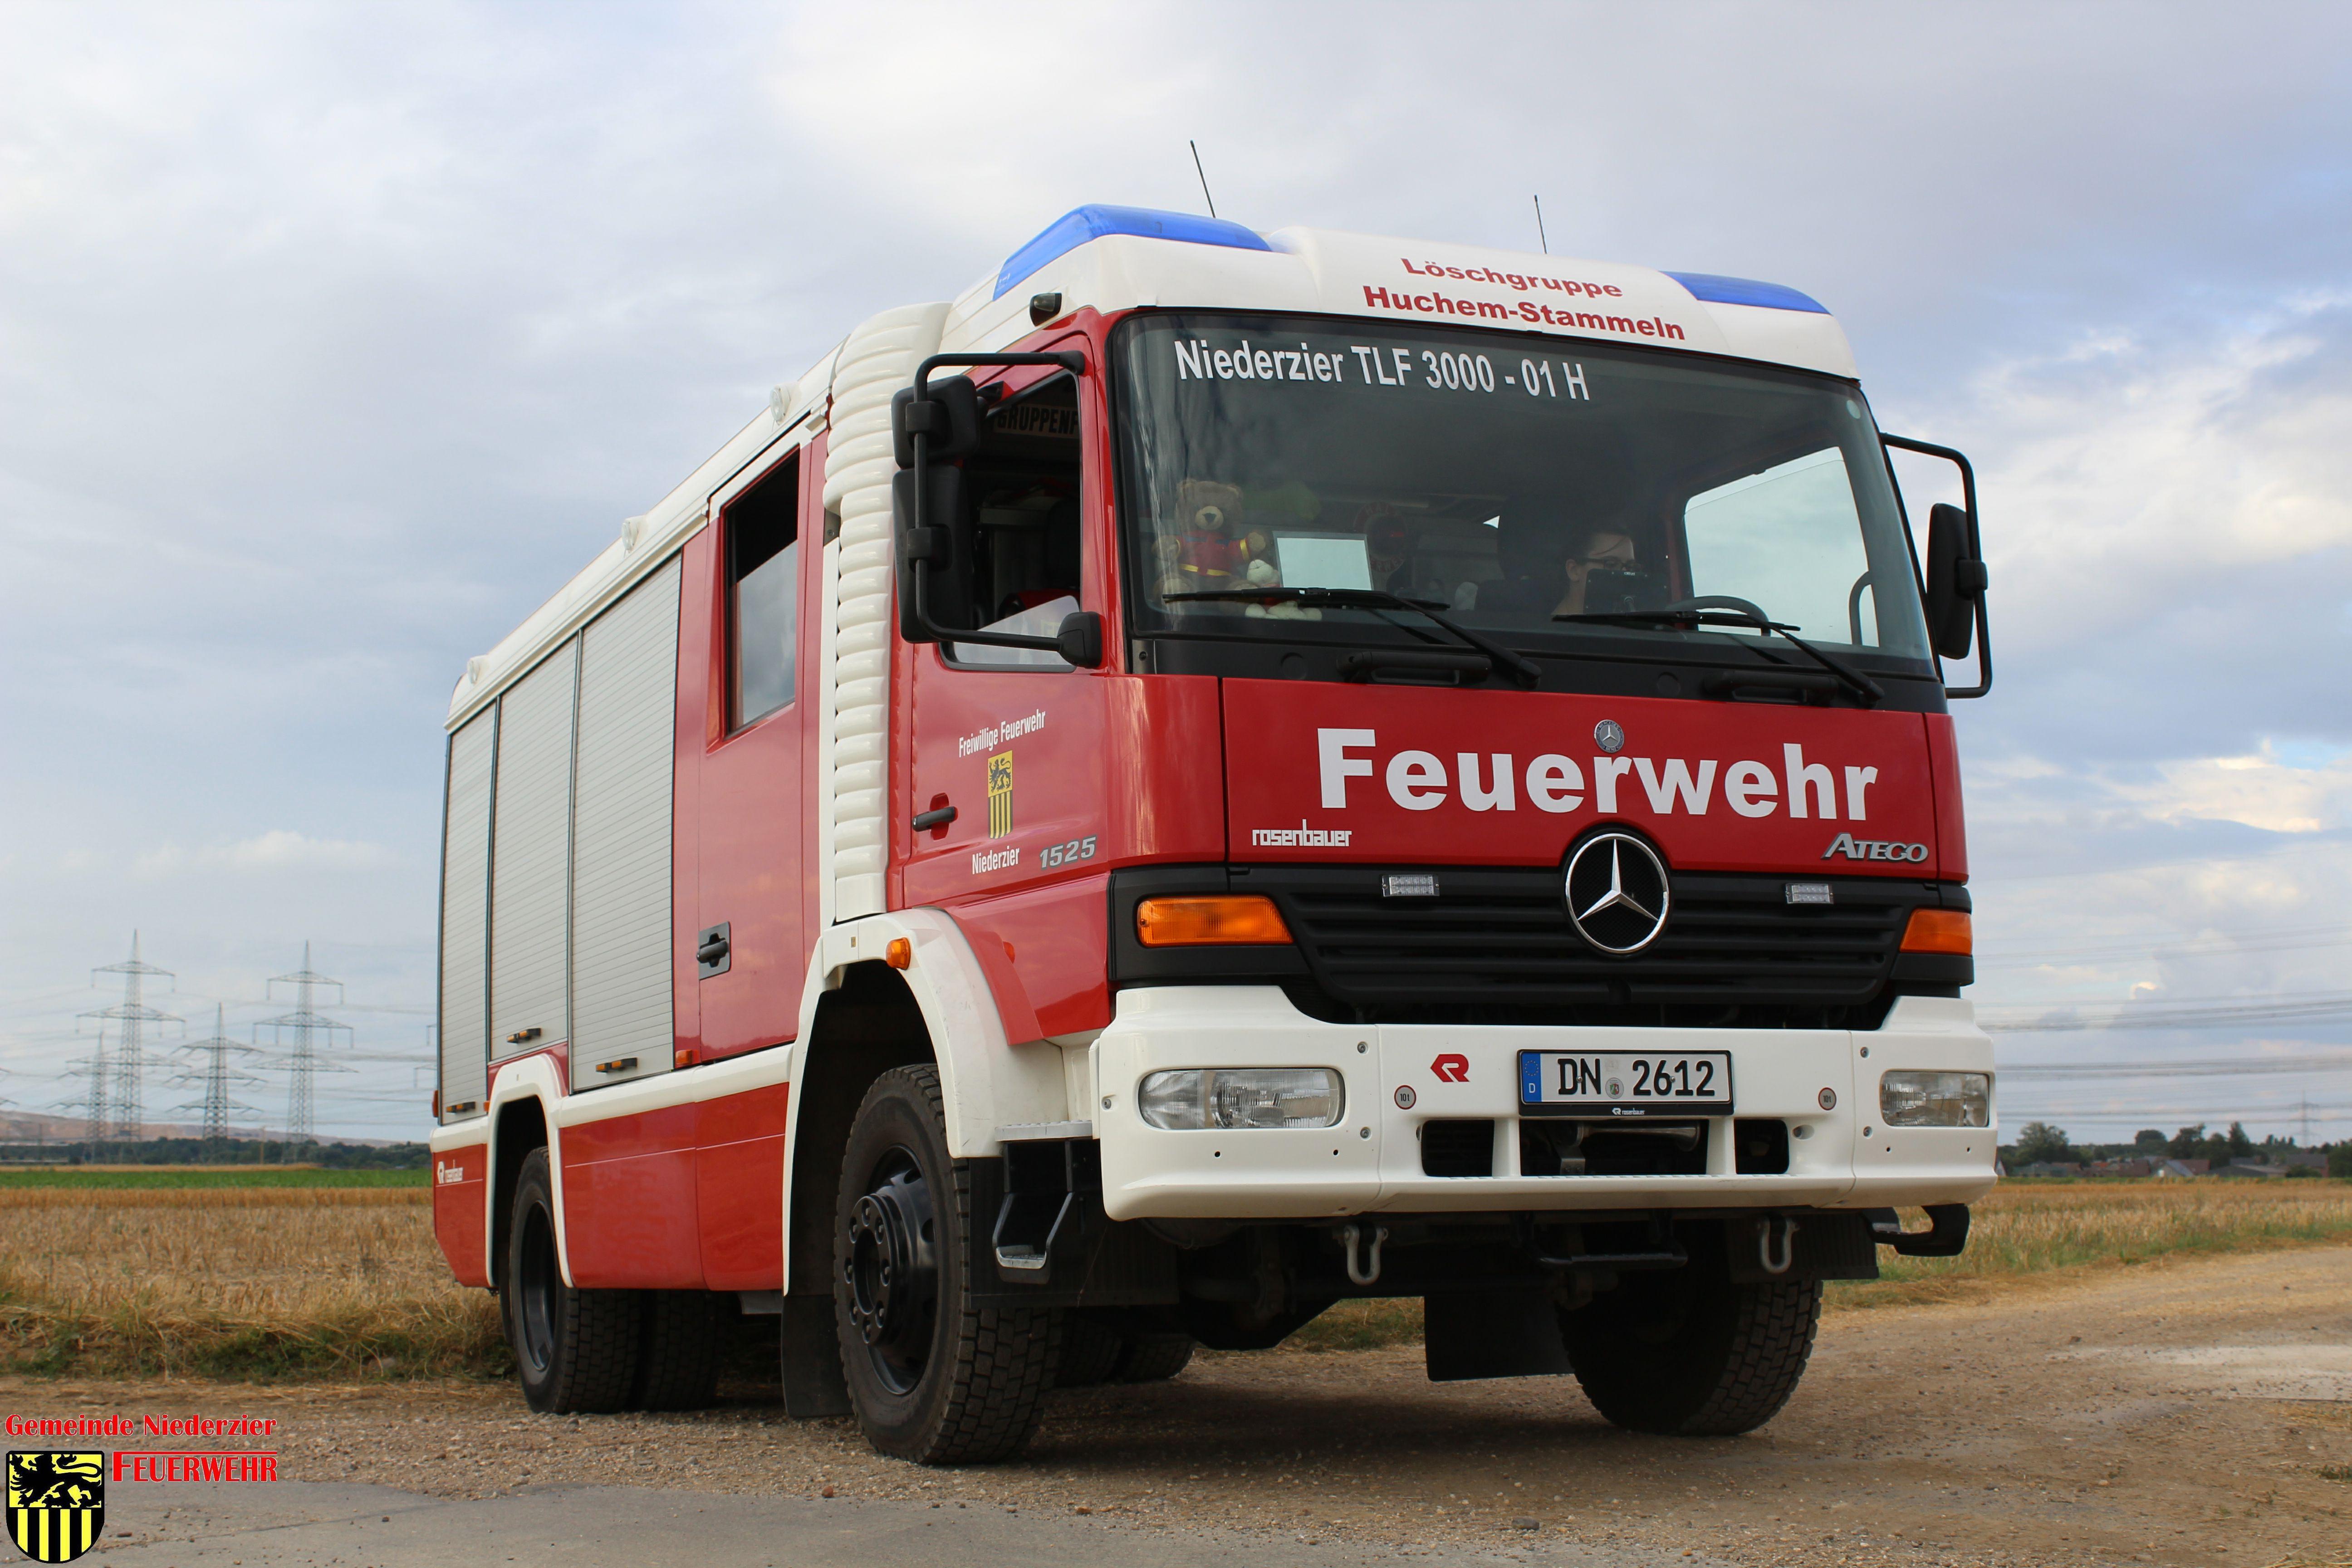 Huchem-Stammeln #BD# Heckenbrand